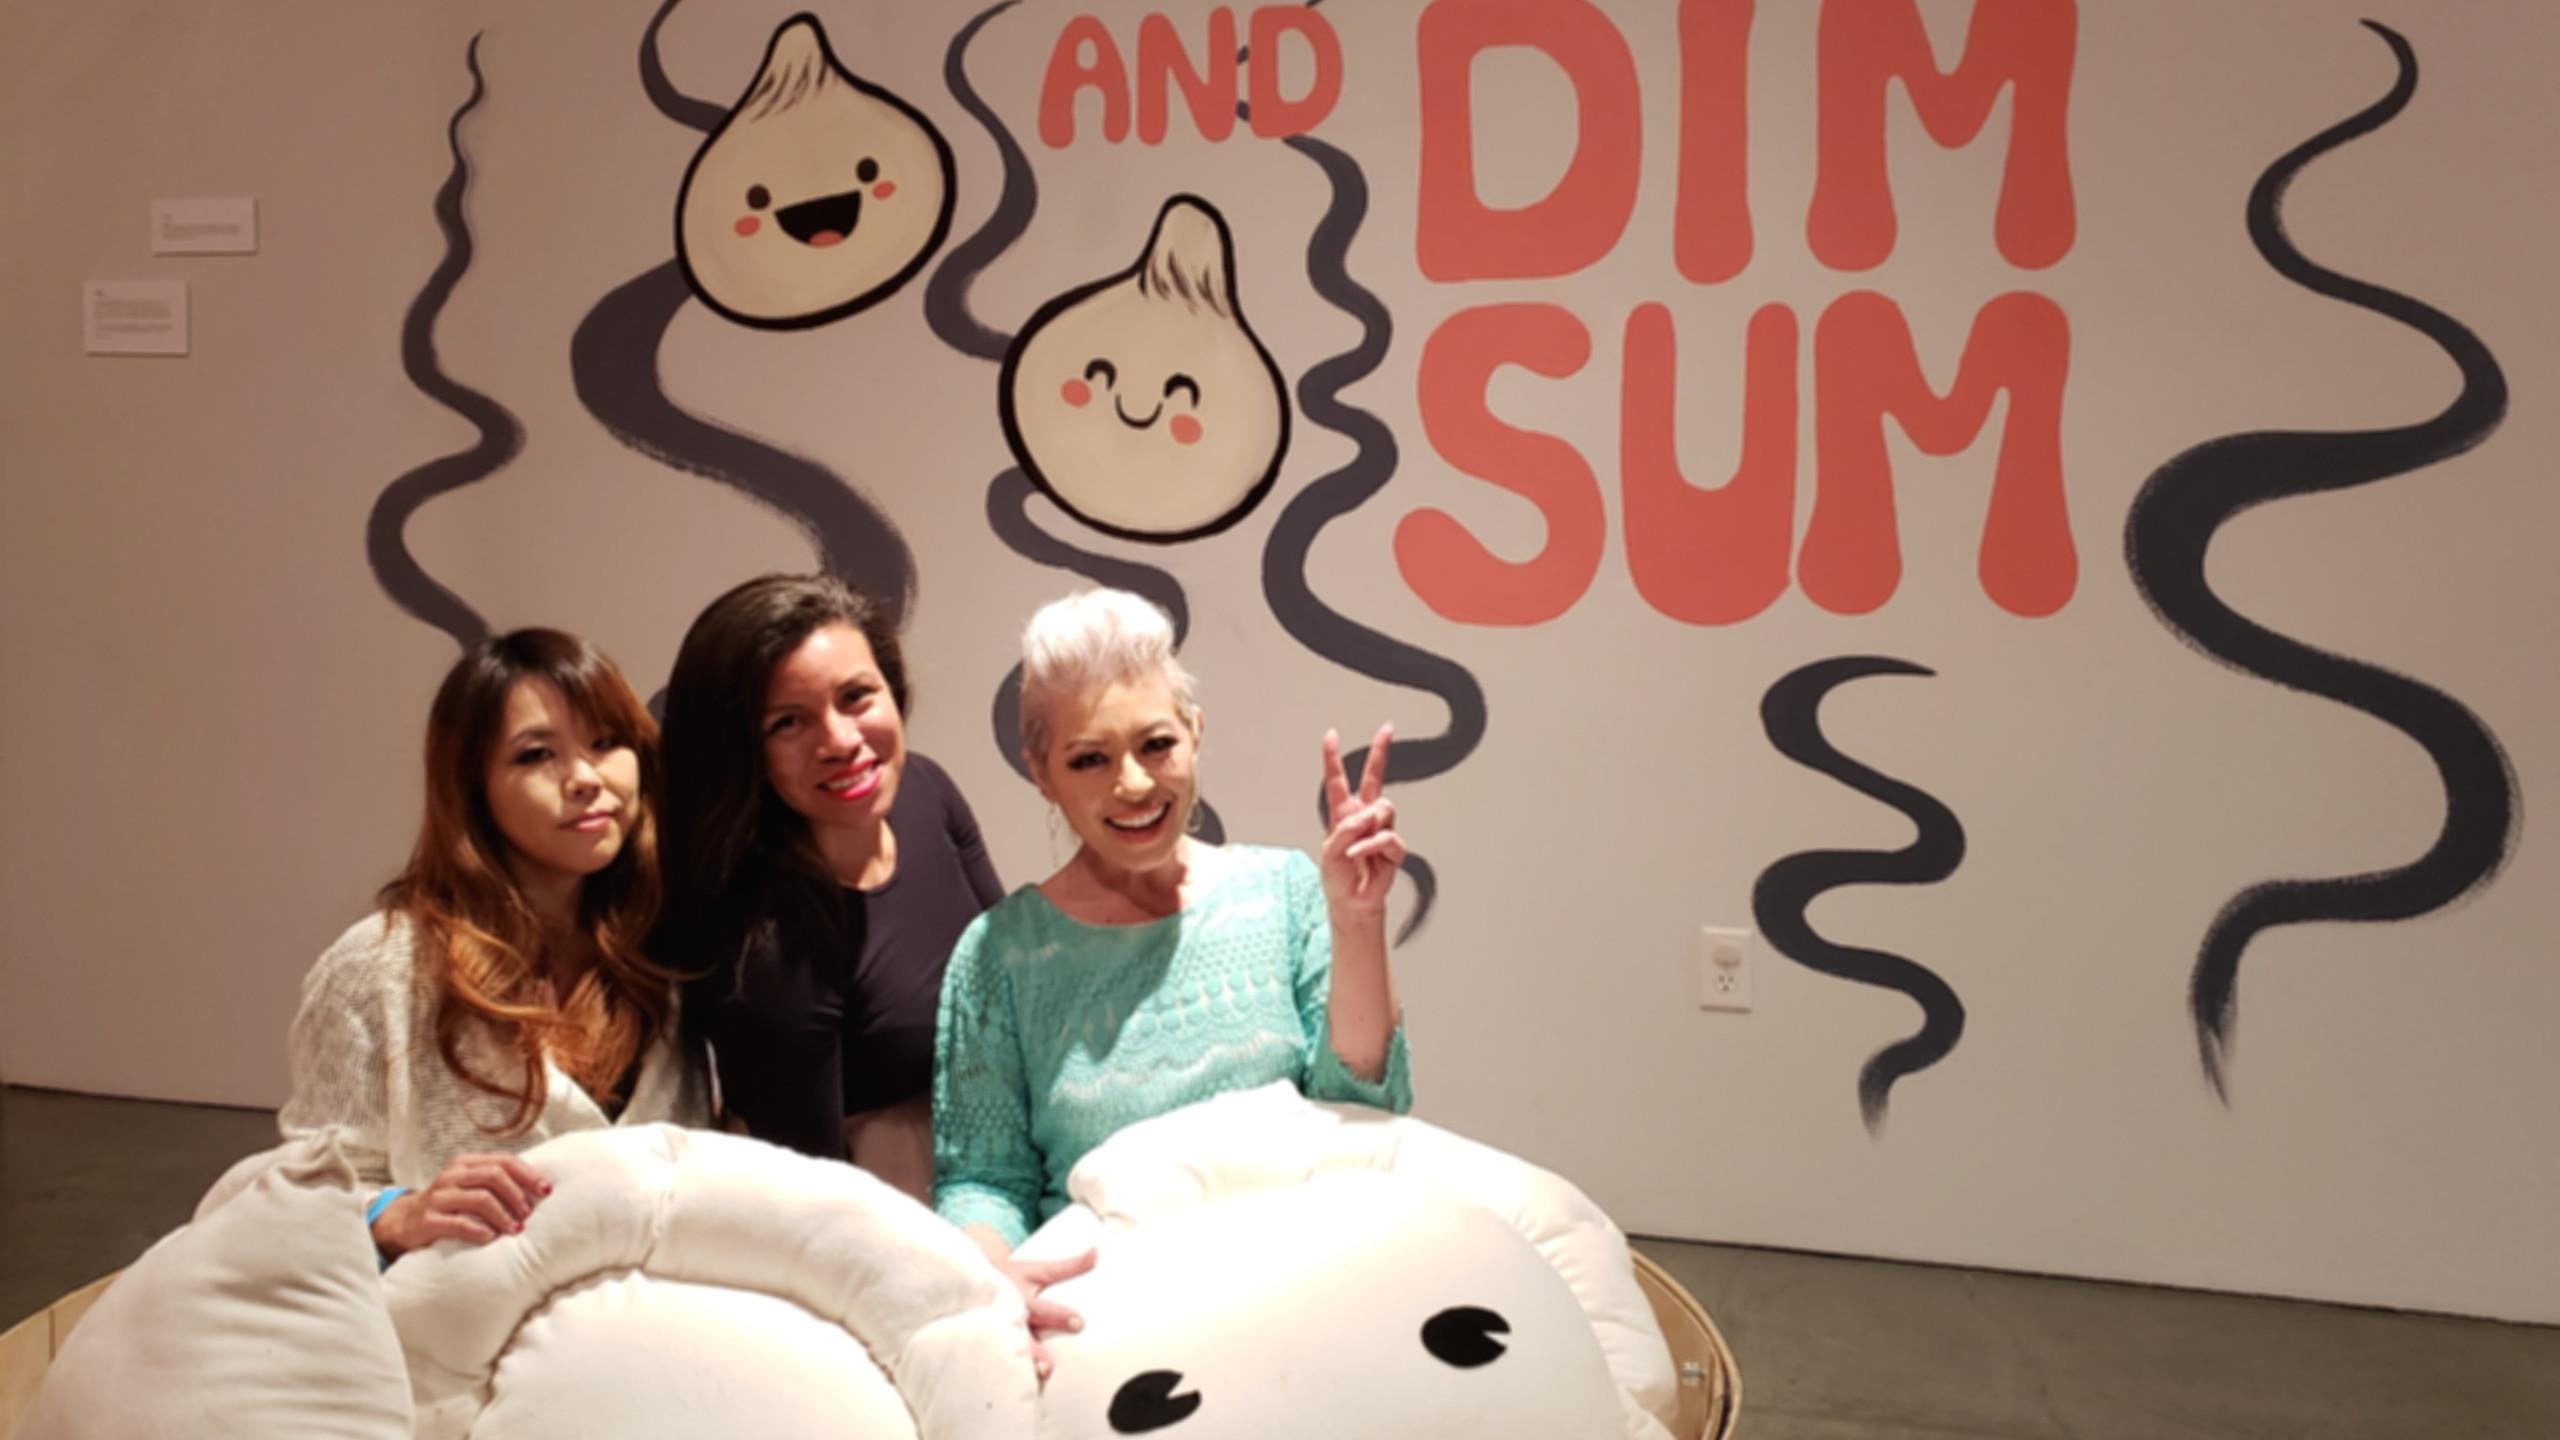 and Dim sum